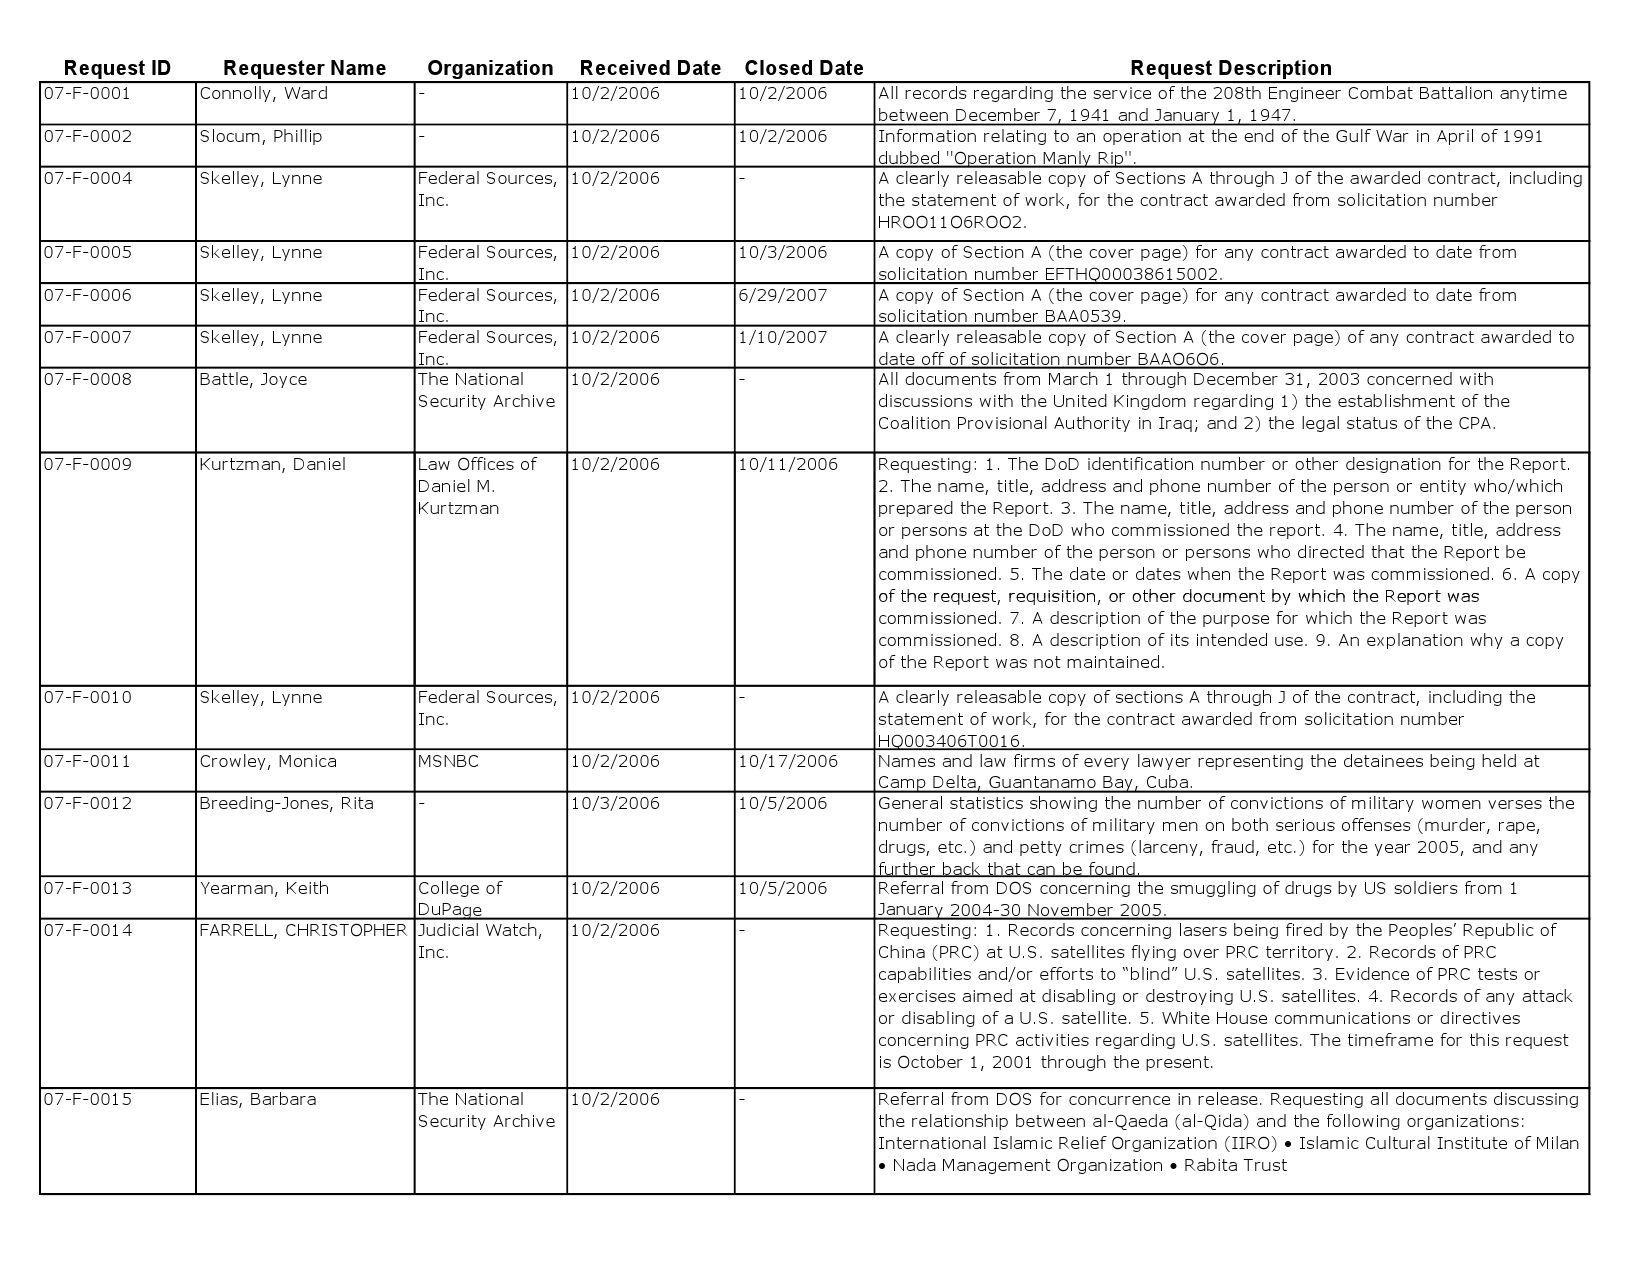 Usmc Composite Score Worksheet Worksheets For School - Toribeedesign